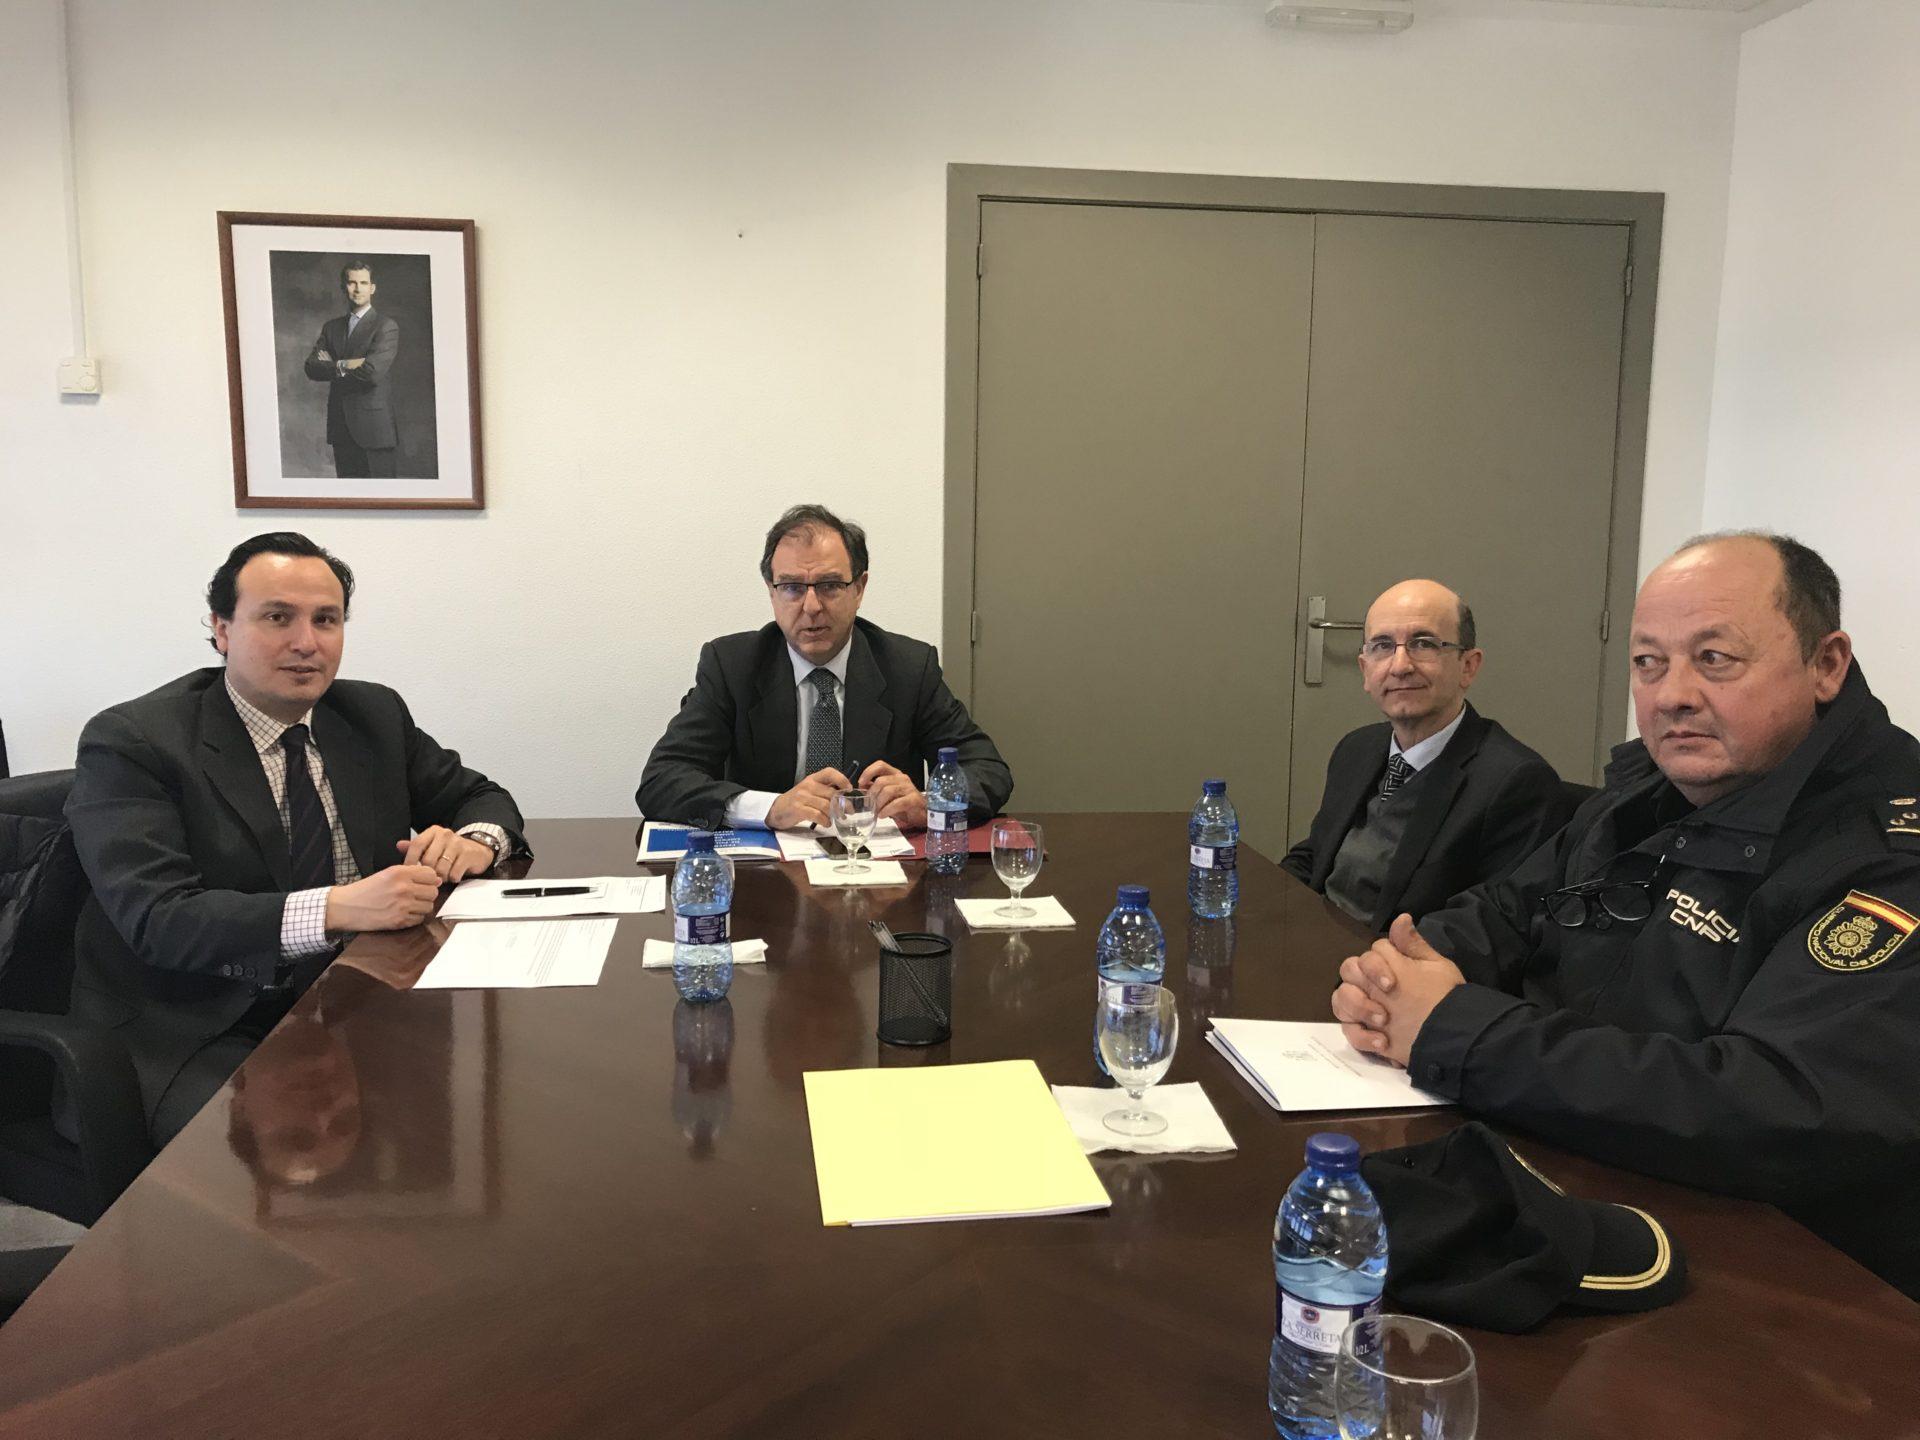 La Federació de Polígons Empresarials de la Comunitat Valenciana reclama millores de mobilitat i seguretat de les àrees industrials al Subdelegat del Govern